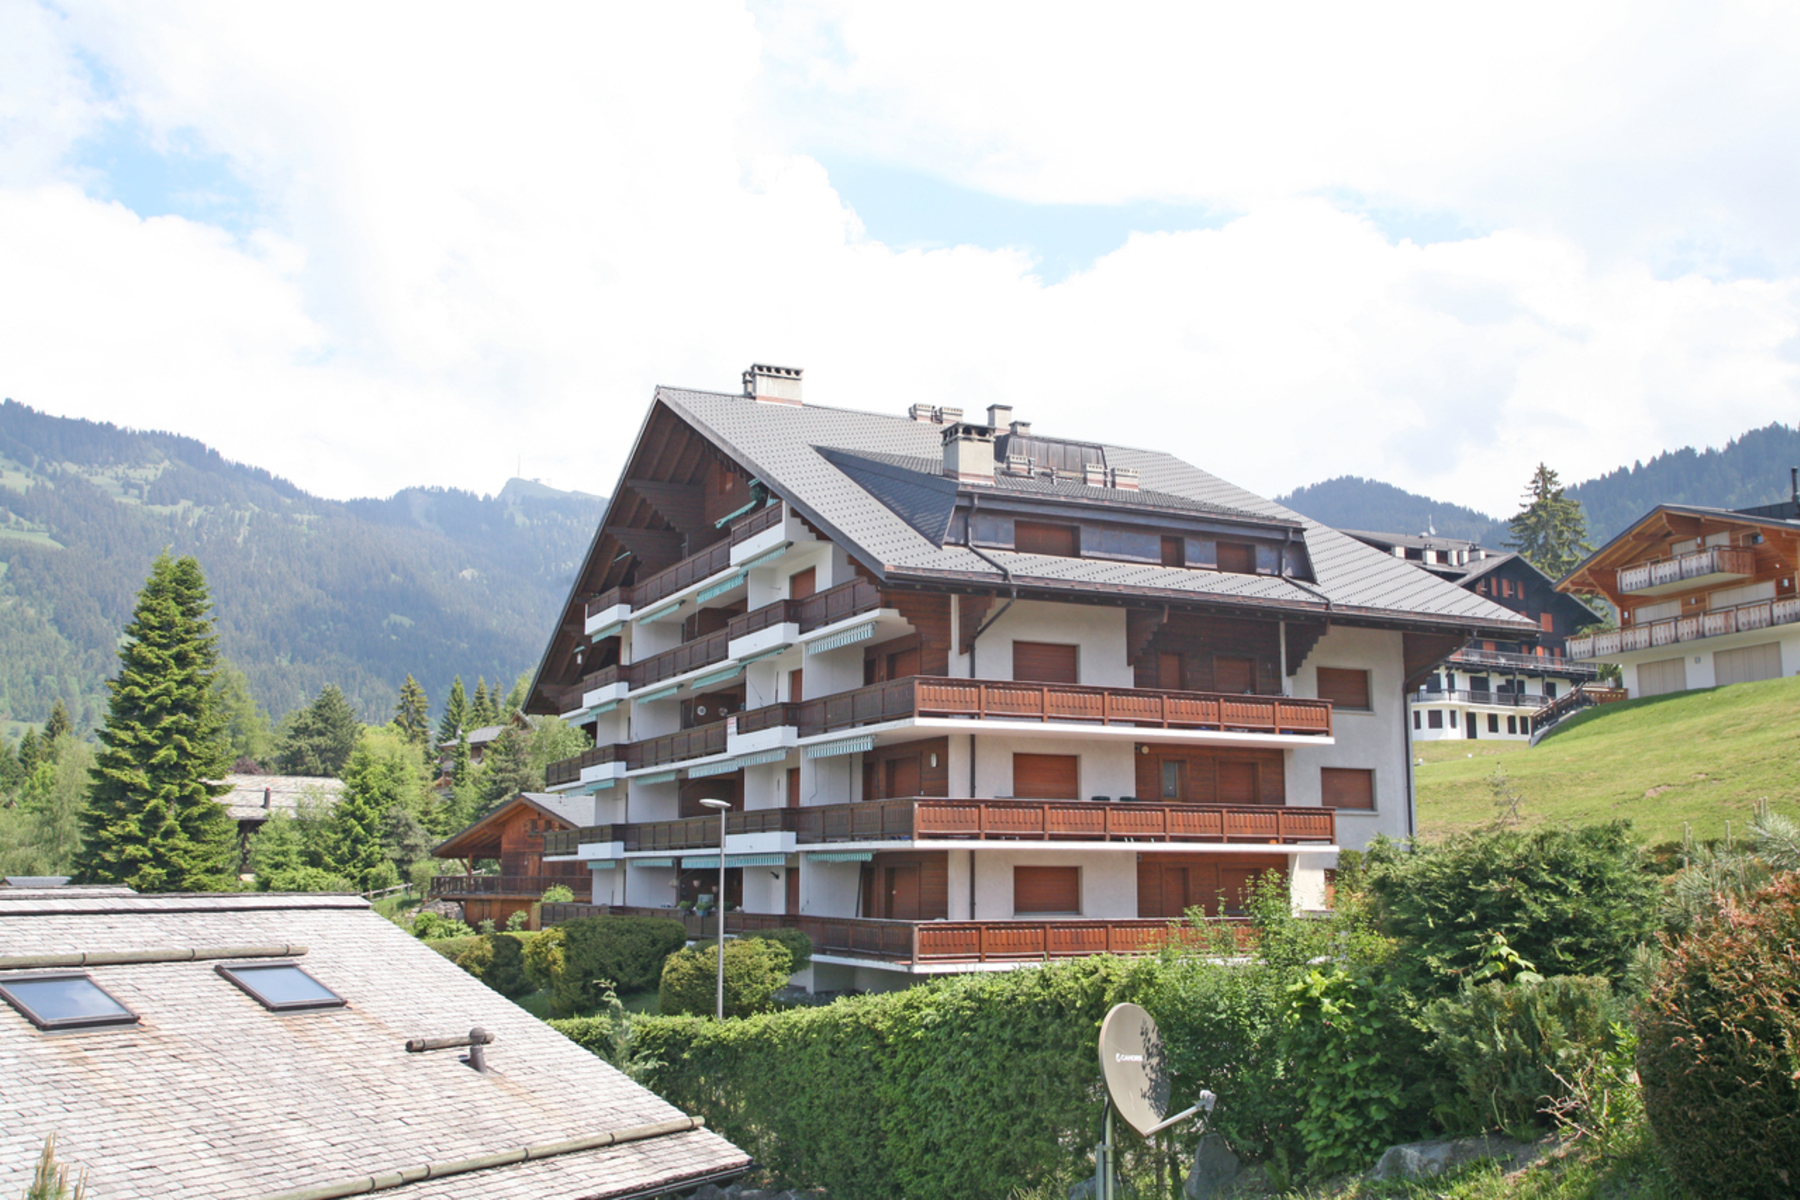 شقة للـ Sale في Girolles 1 Chemin de la Grangette 29 Villars-Sur-Ollon, Vaud, 1884 Switzerland